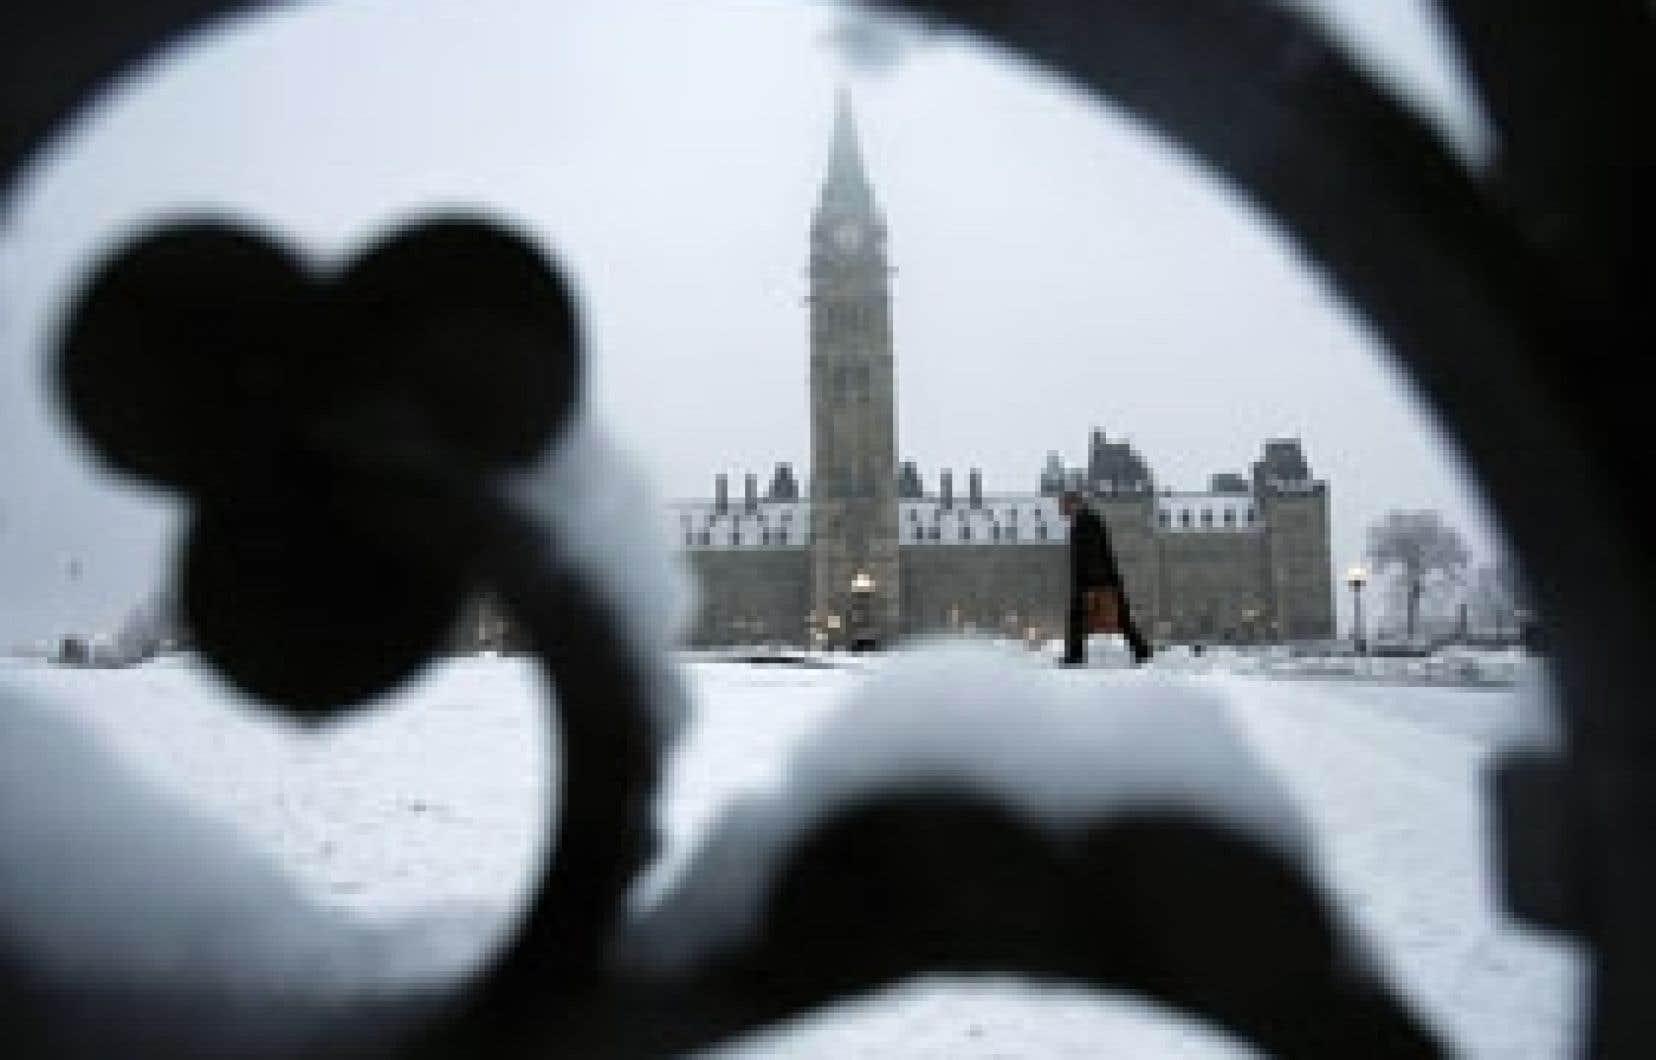 Le Canada a célébré cette année le 20e anniversaire de la décriminalisation de l'avortement par la Cour suprême, mais certains craignent que les conservateurs rouvrent le débat.